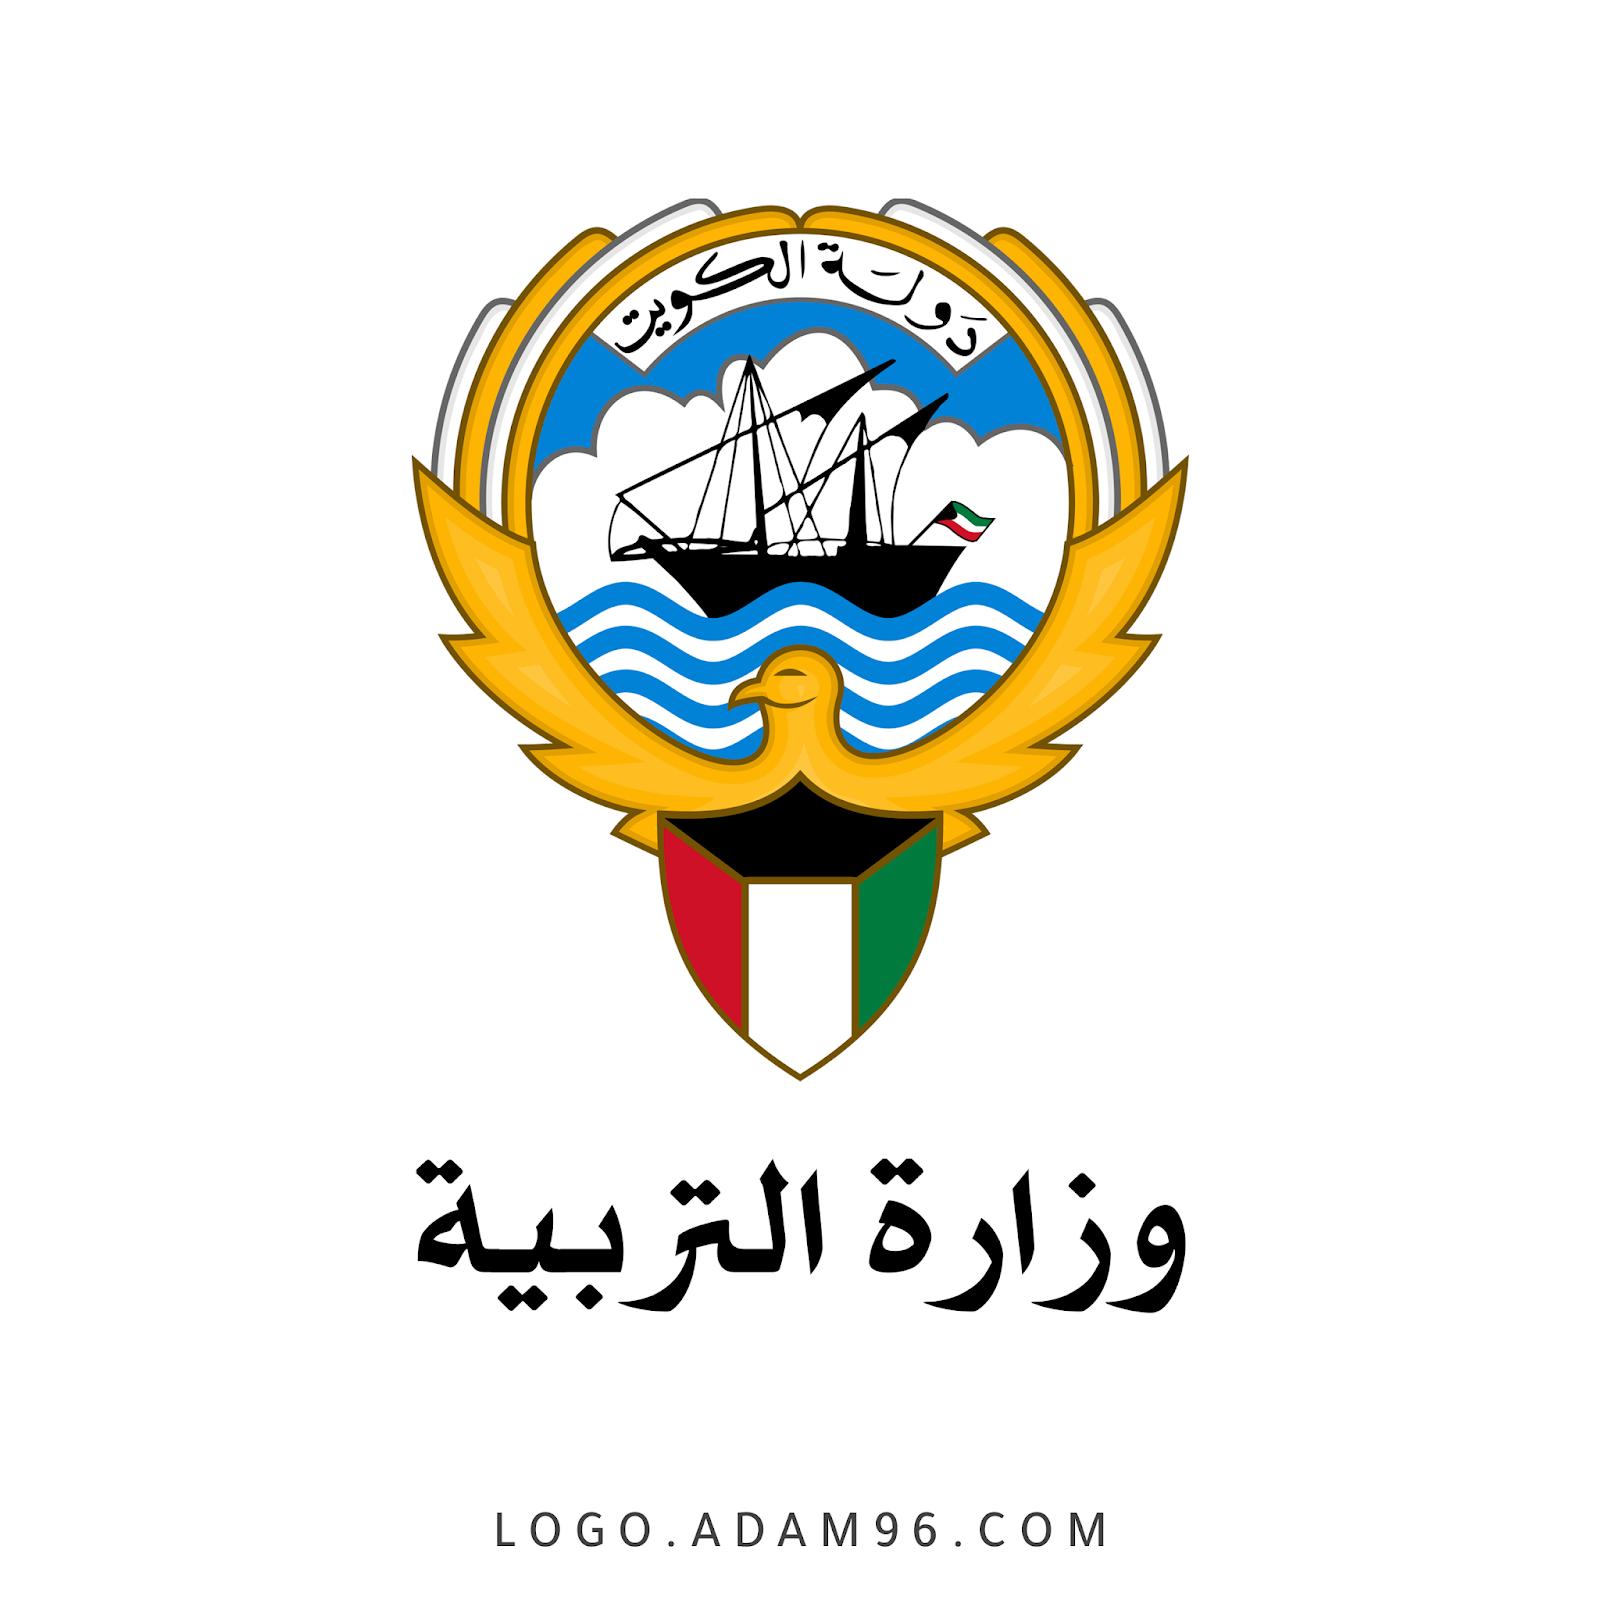 تحميل شعارات وزارات الكويت الرسمية بدقة عالية 2020